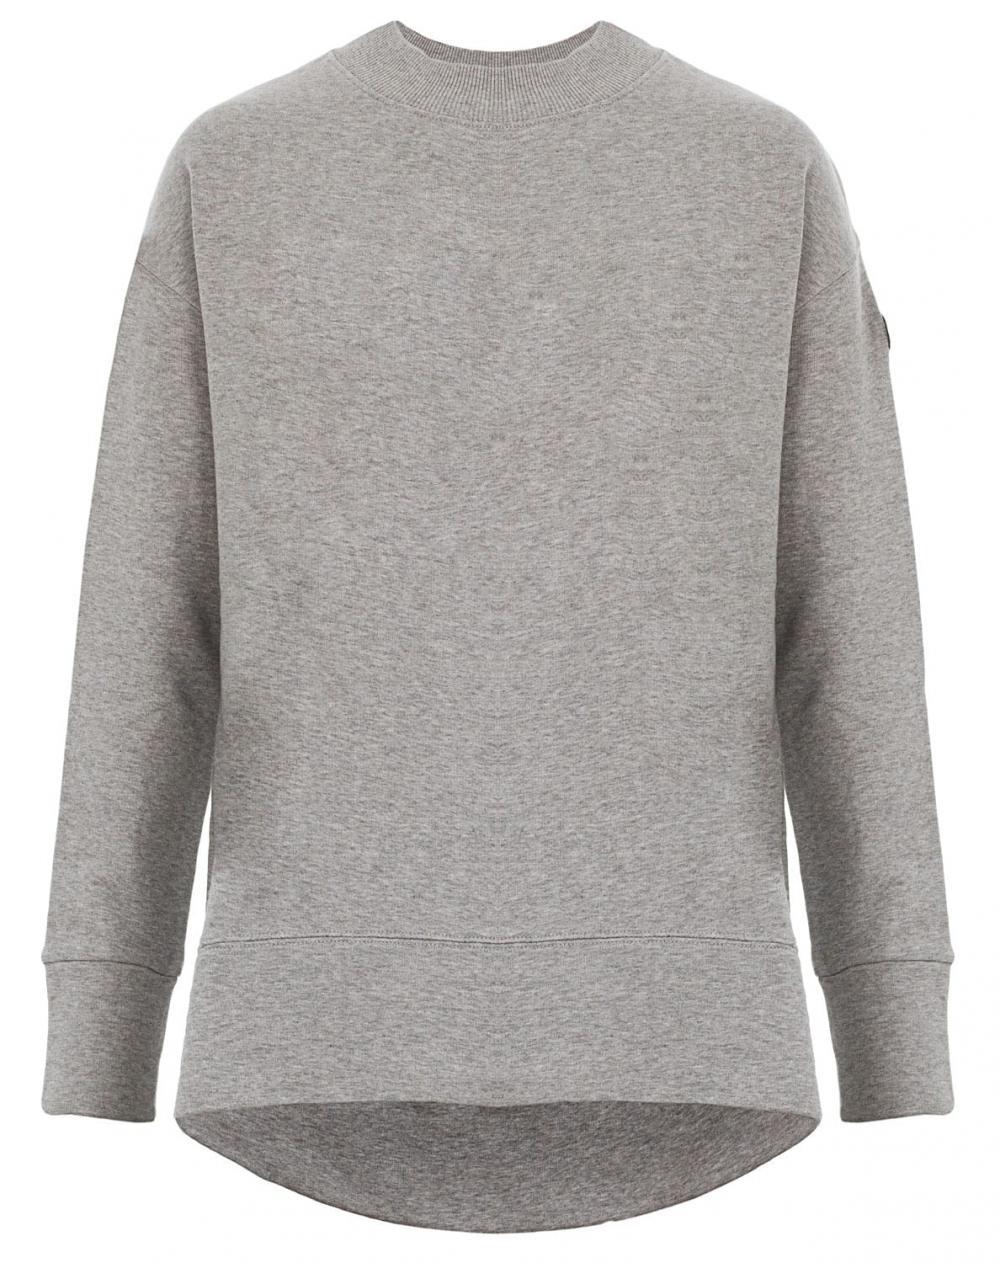 Sweatshirt Sublime